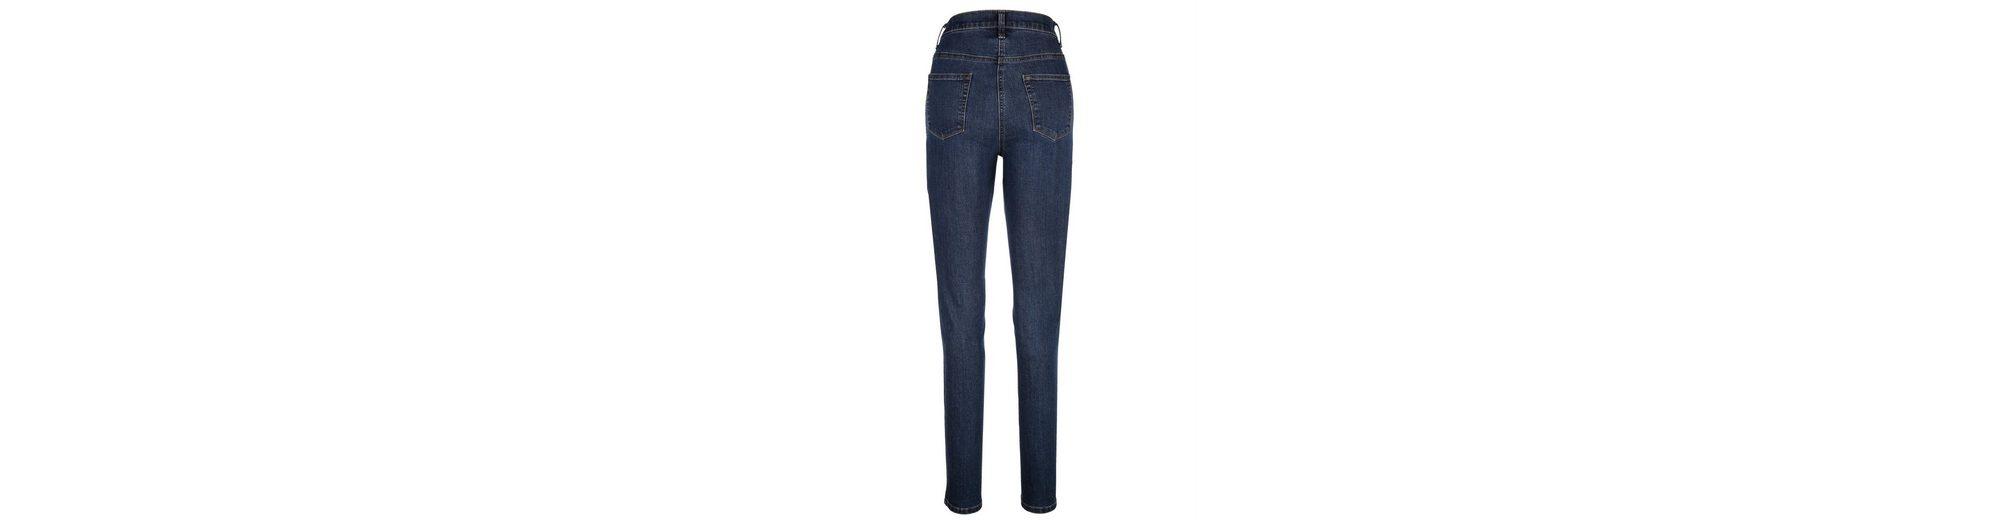 Paola Jeans mit dekorativen Stäbchenpailletten Besuchen Sie Günstig Online Nicekicks Zum Verkauf Erkunden Kaufen Billige Angebote yHnSjHU